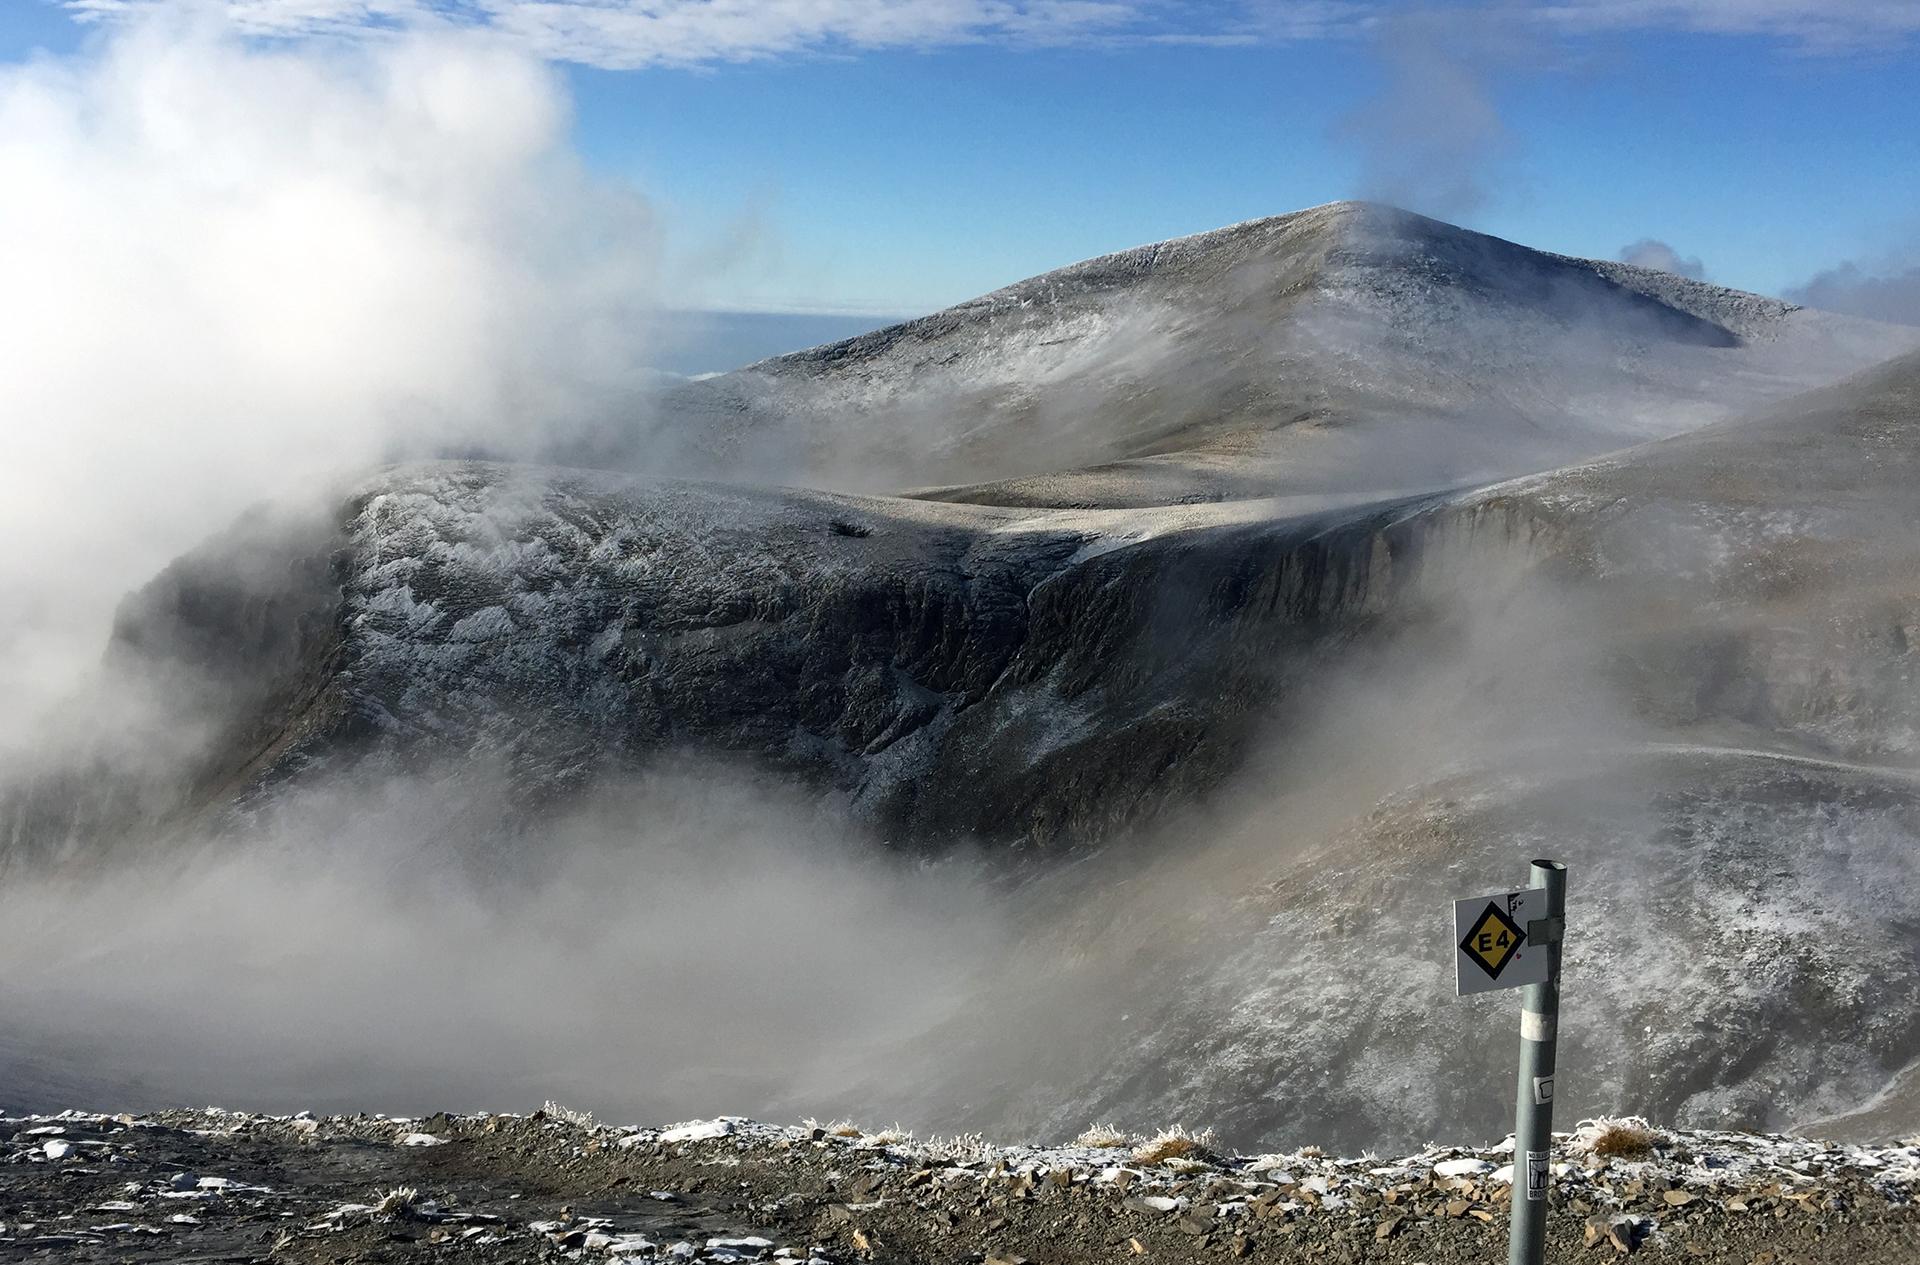 wirująca mgła nad wierzchołkami masywu